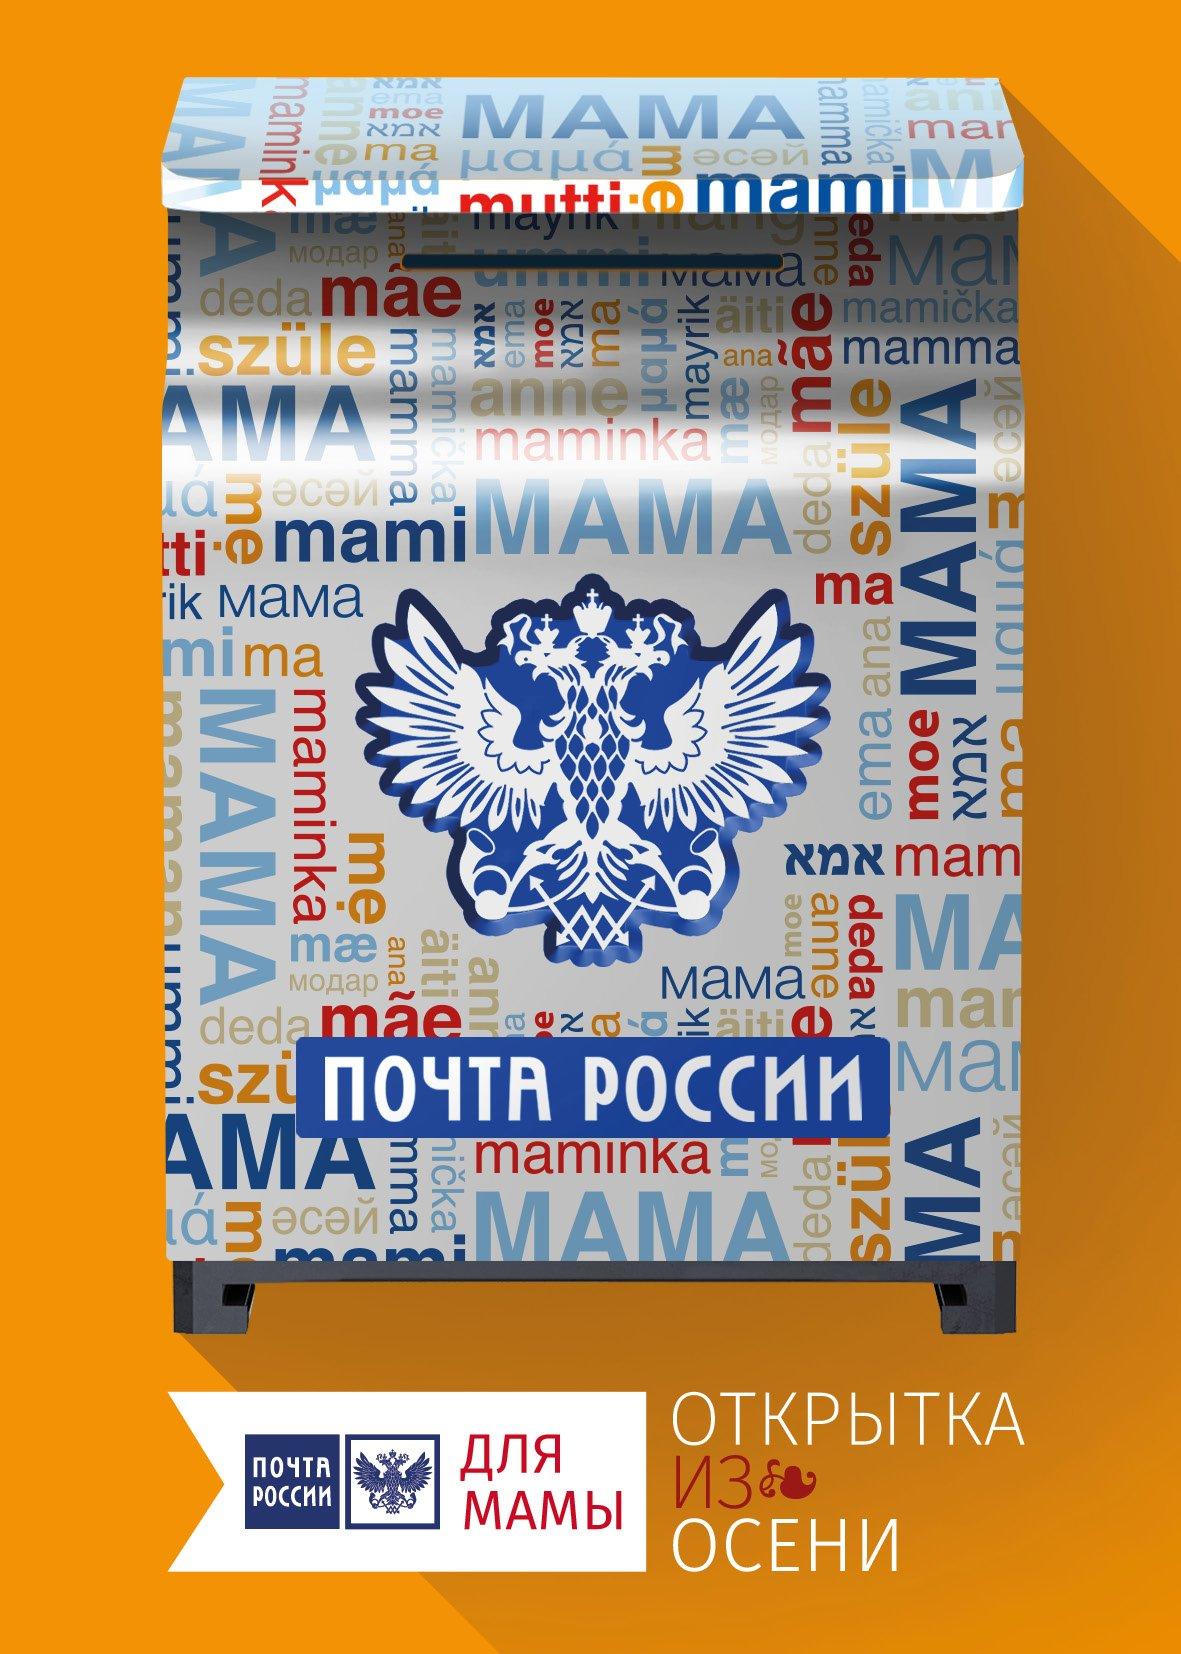 Почта россии открытка для папы, завтраком доброе утро